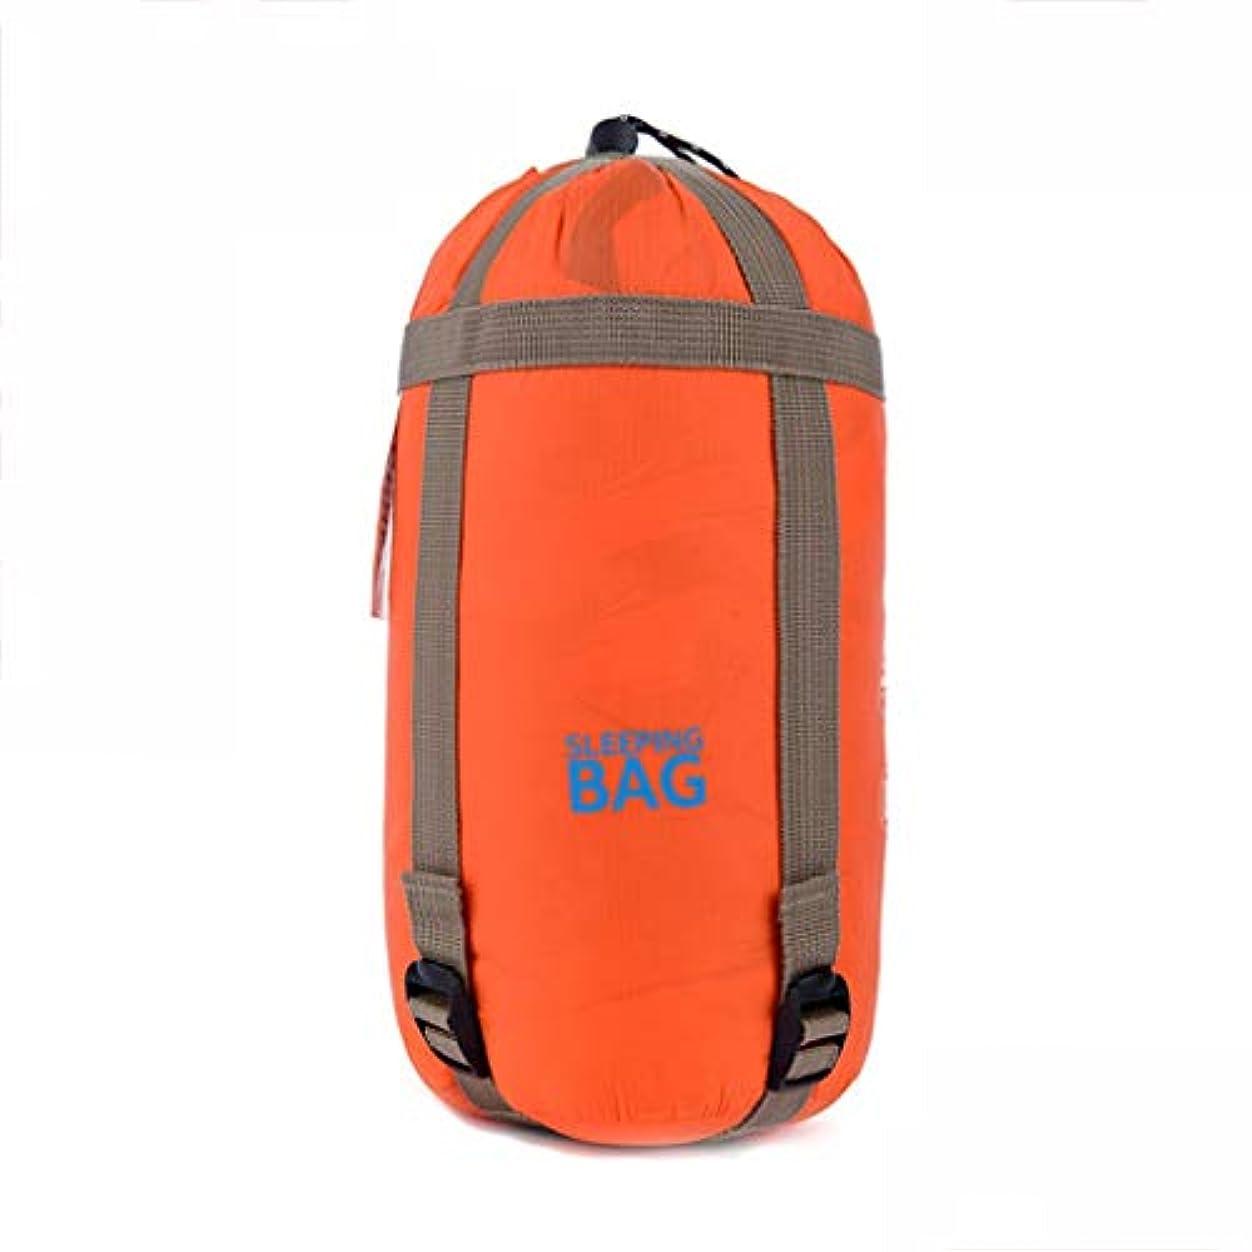 怒っているパックファンブルキャンプの寝袋屋外の寝袋シングル寝袋軽量で夏の薄いセクションを運ぶのは簡単 GBYGDQ (Color : A)